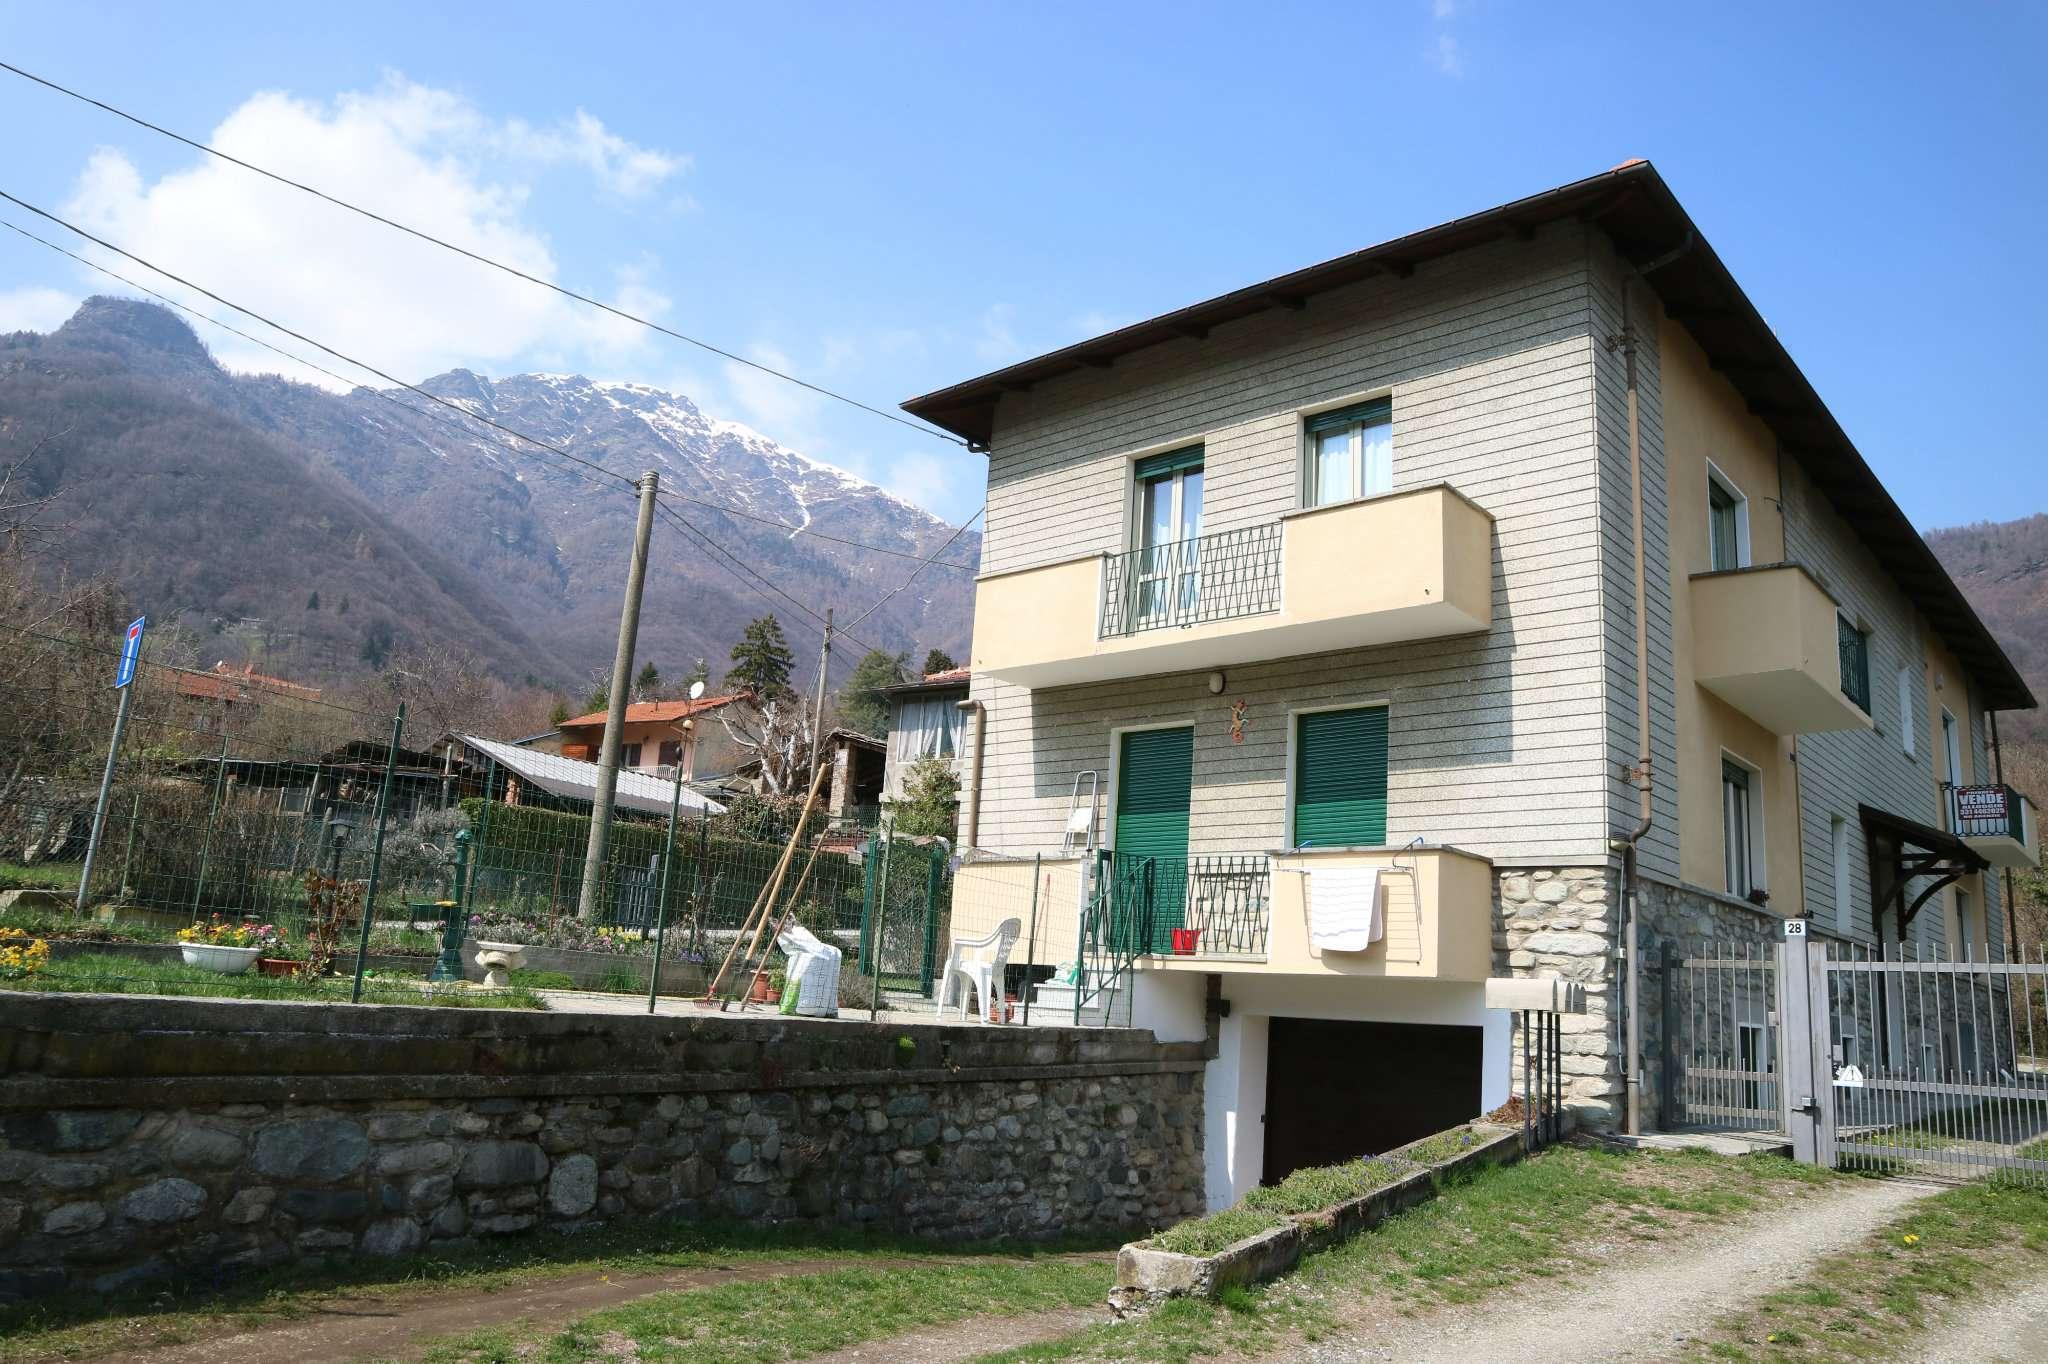 Appartamento in vendita a Torre Pellice, 3 locali, prezzo € 89.000 | CambioCasa.it